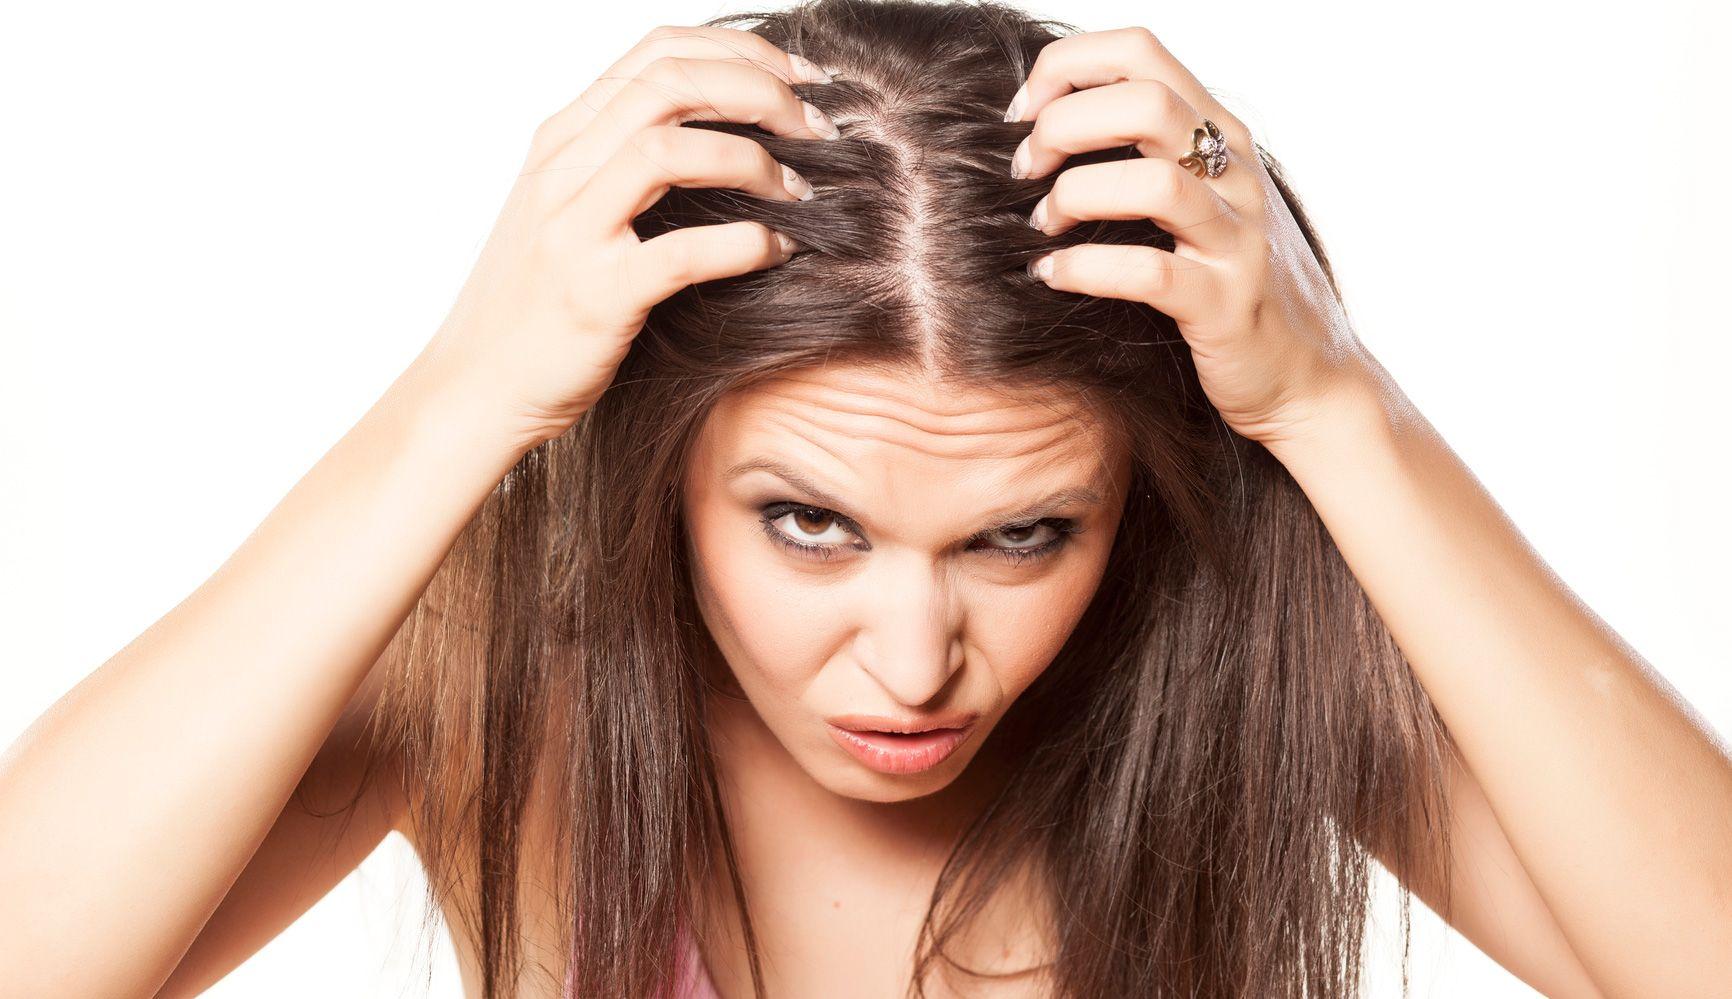 чтобы волосы росли что нужно делать